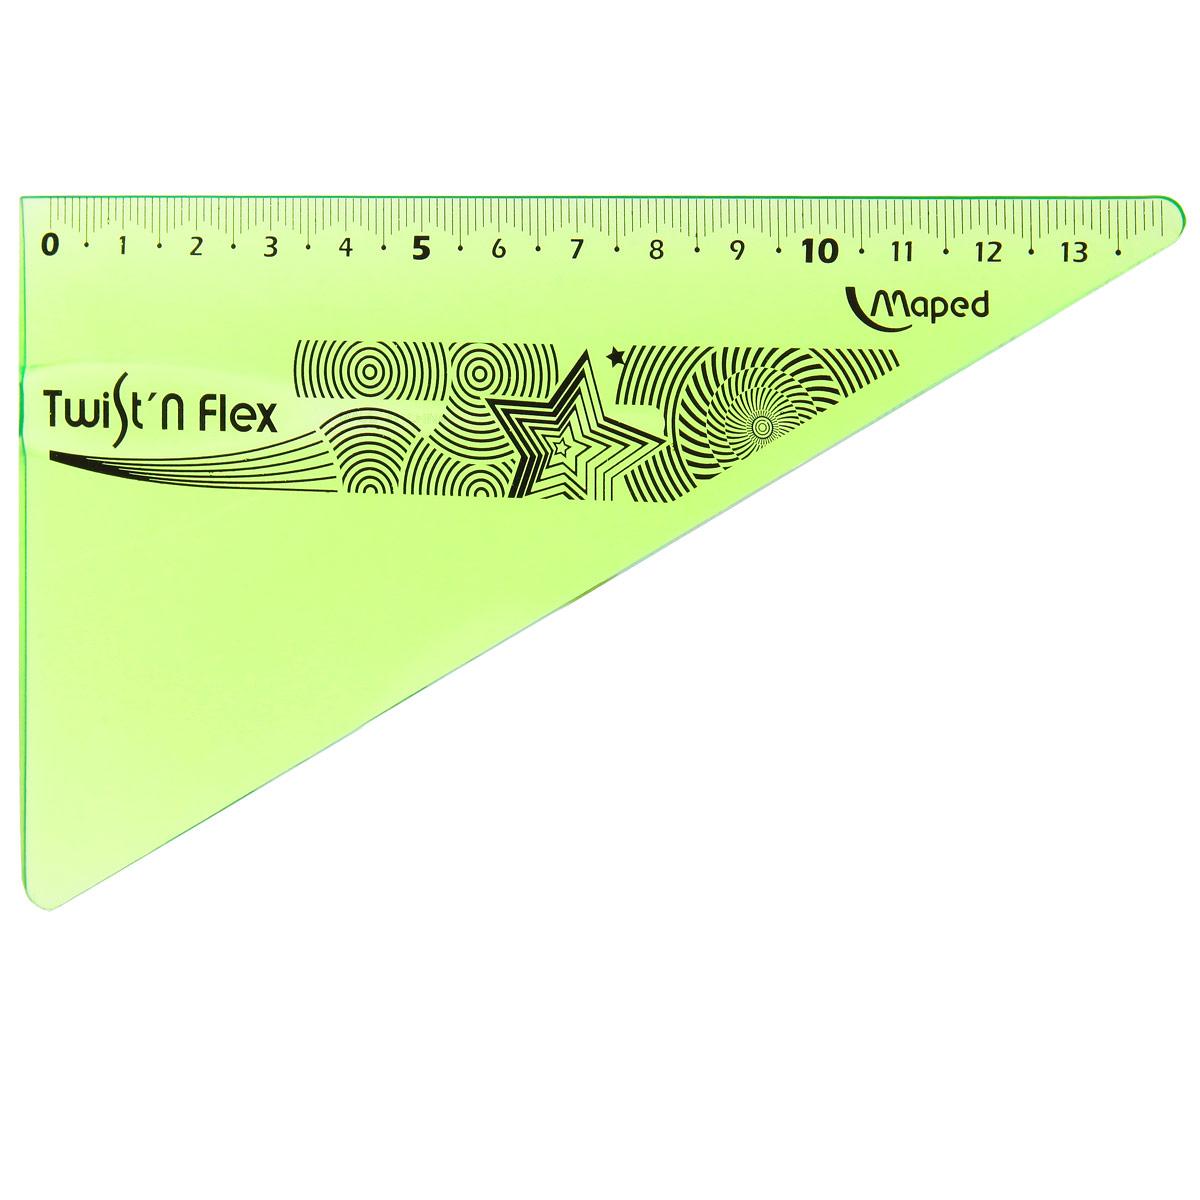 Угольник Maped Twist-n-Flex, неломающийся, 14 см, цвет: салатовый279410_салатовыйГибкий неломающийся угольник Maped - это не только необходимый в учебе предмет, но и легкий способ привлечь ребенка к процессу обучения. Выполнен из прозрачного цветного пластика с ровной четкой миллиметровой шкалой делений до 14 см. Характеристики: Длина: 14 см. Угол: 60 градусов.